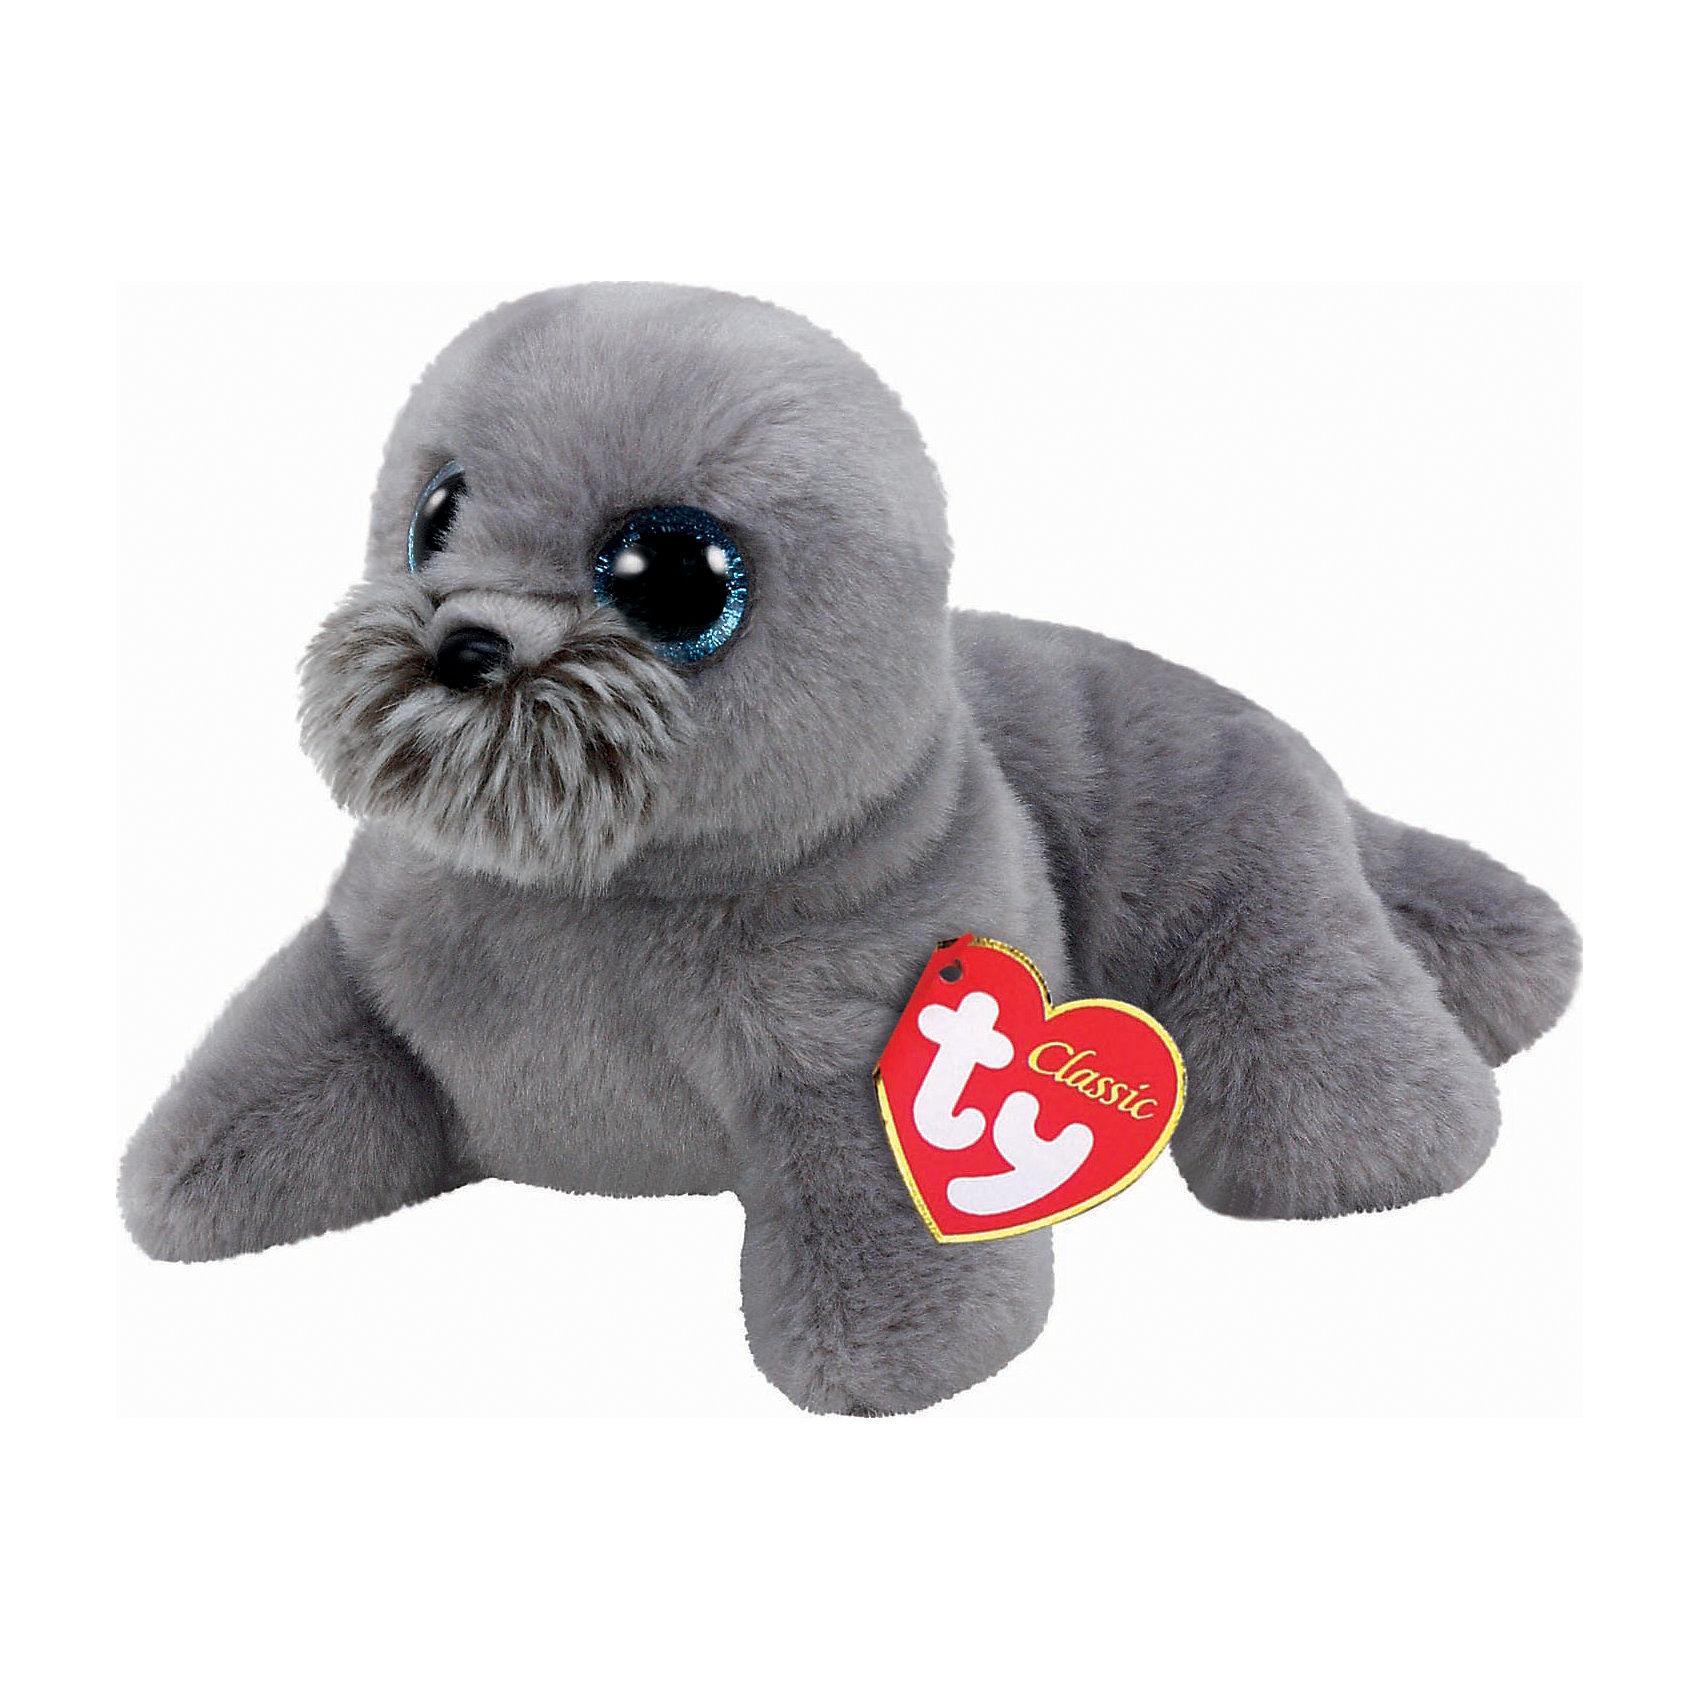 Мягкая игрушка Морской лев (серый) Wiggy, 33 см, Classic, TyМягкие игрушки животные<br>Мягкая игрушка Морской лев (серый) Wiggy, 33 см, Classic, Ty (Тай)<br><br>Характеристики:<br><br>• способствует развитию мелкой моторики<br>• приятный на ощупь<br>• размер игрушки: 33 см<br>• не содержит токсичных материалов, опасных для здоровья ребёнка<br>• материал: текстиль, искусственный мех, пластик <br>• наполнитель: синтепон<br><br>Мягкий морской лев Wiggy - обладатель невероятно выразительного взгляда. Радужная оболочка его глаз покрыта блестками, красиво переливающимися при свете. Игрушка очень мягкая и качественная. Она изготовлена из материалов, которые полностью безопасны для детей. Способствует развитию мелкой моторики, речевых и тактильных навыков.<br><br>Мягкую игрушку Морской лев (серый) Wiggy, 33 см, Classic, Ty (Тай) можно купить в нашем интернет-магазине.<br><br>Ширина мм: 256<br>Глубина мм: 142<br>Высота мм: 172<br>Вес г: 187<br>Возраст от месяцев: 12<br>Возраст до месяцев: 60<br>Пол: Унисекс<br>Возраст: Детский<br>SKU: 4386731